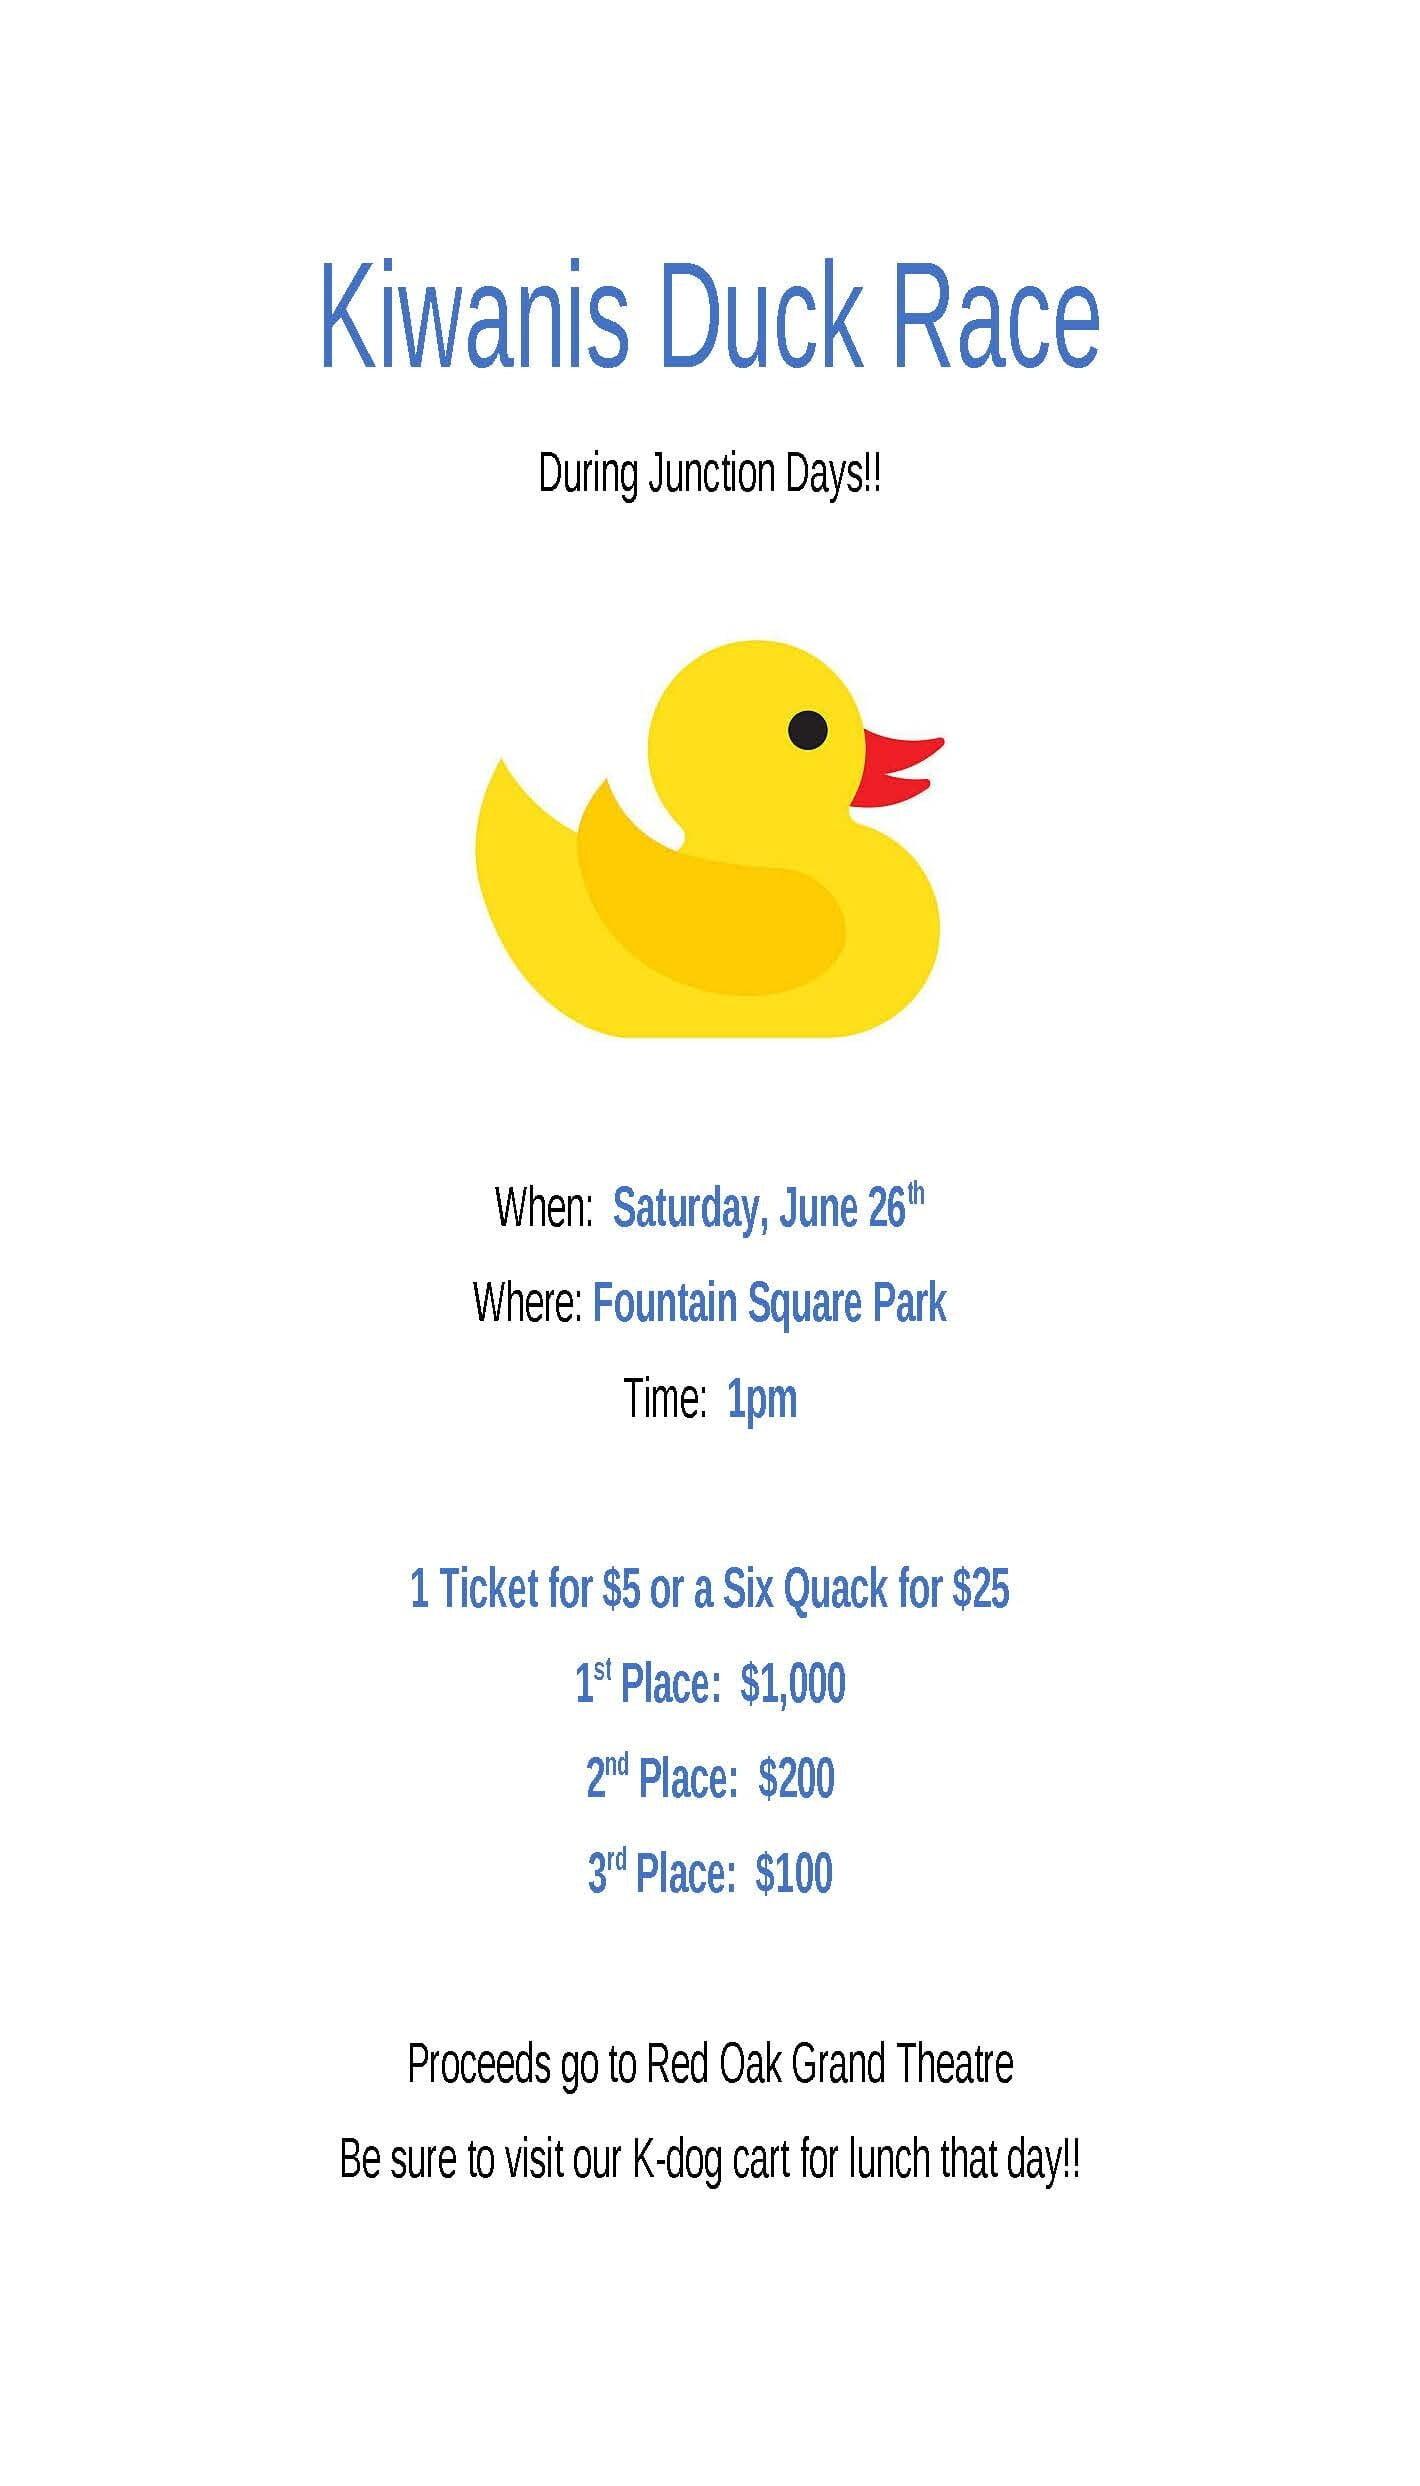 Kiwanis Duck Race